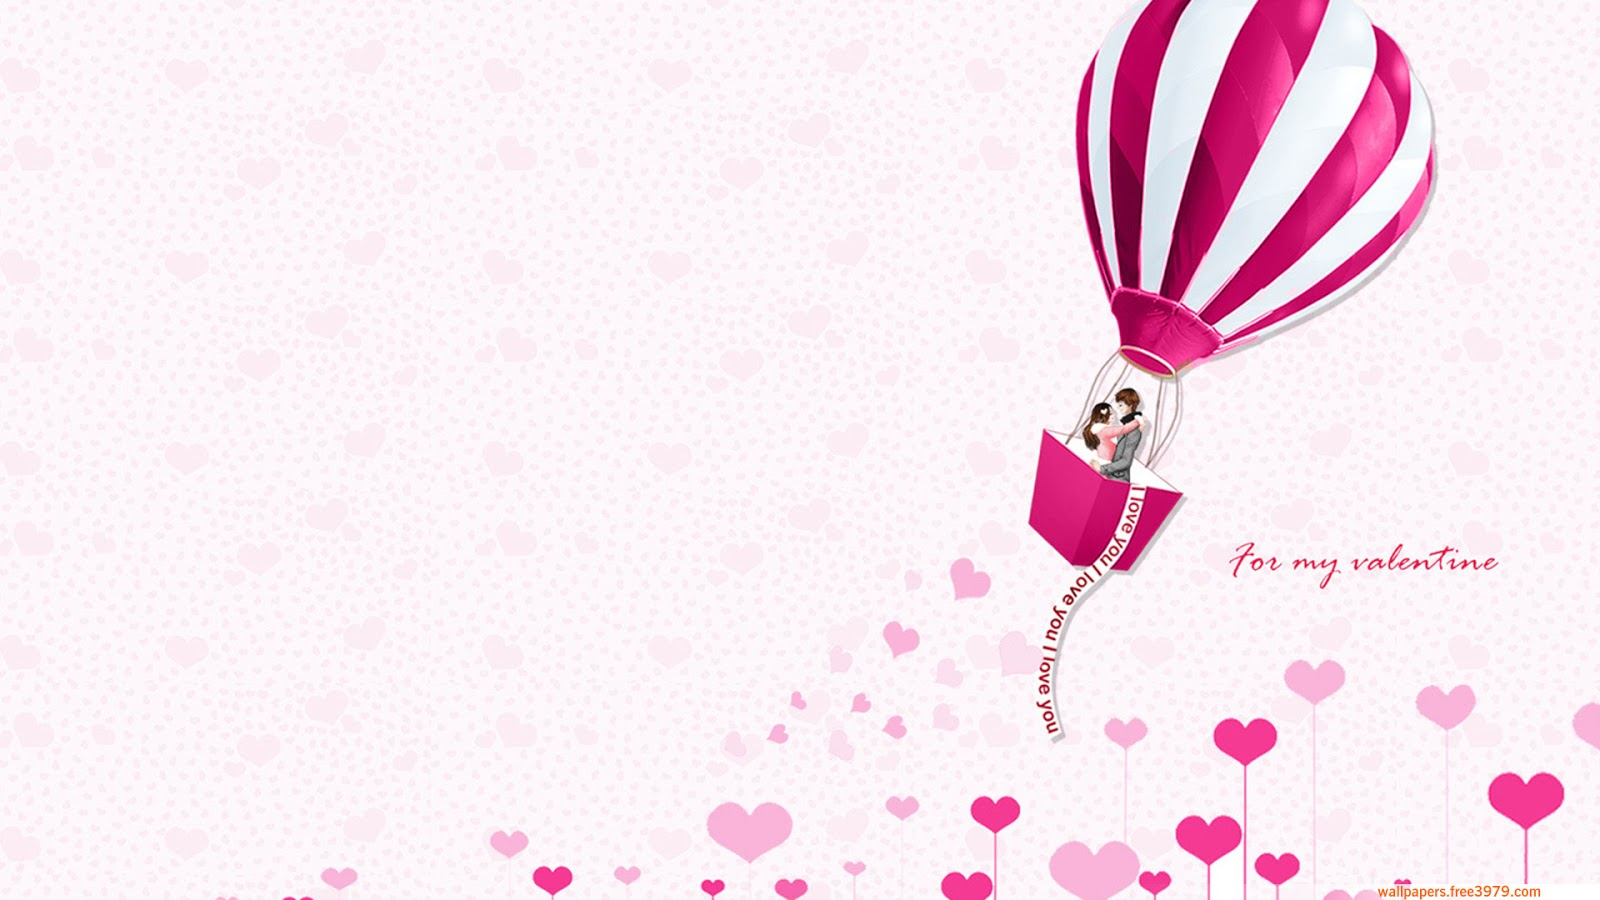 Cute valentine wallpaper 24 background wallpaper hdlovewall cute valentine wallpaper 24 background wallpaper voltagebd Choice Image